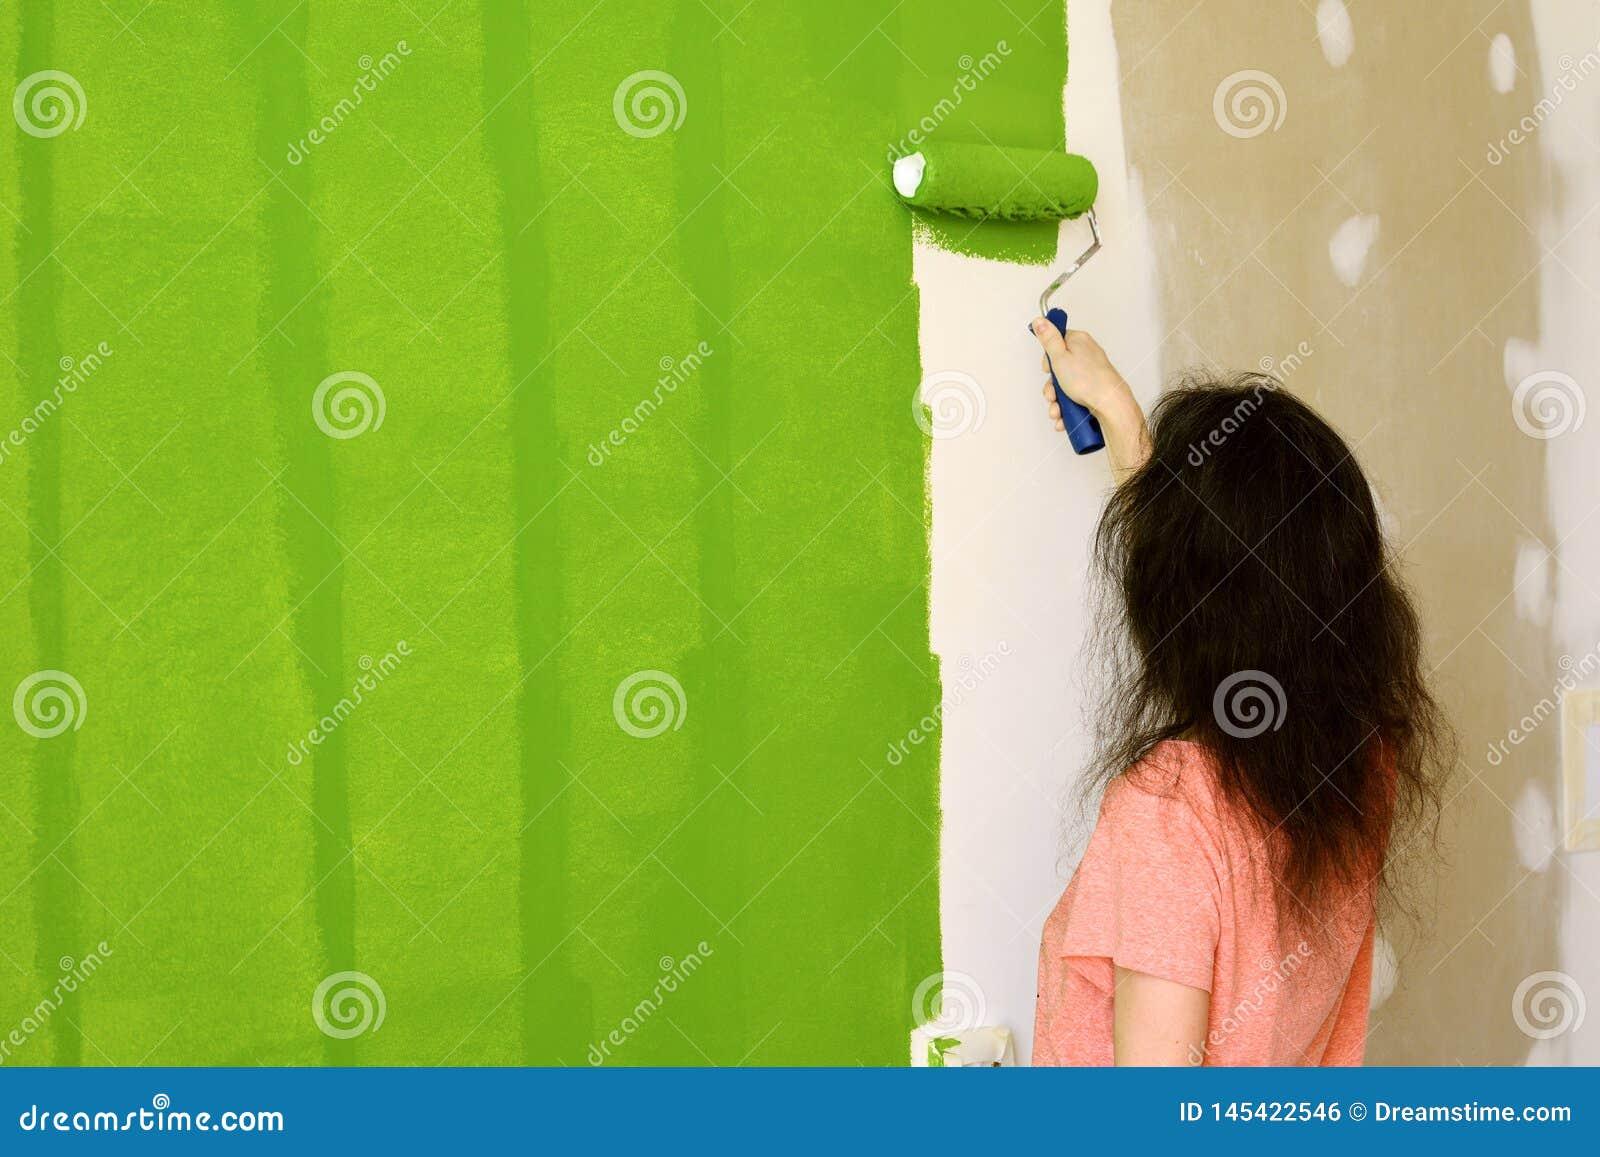 Hübsche junge Frau im rosa T-Shirt malt enthusiastisch grüne Innenwand mit Rolle in einem neuen Haus